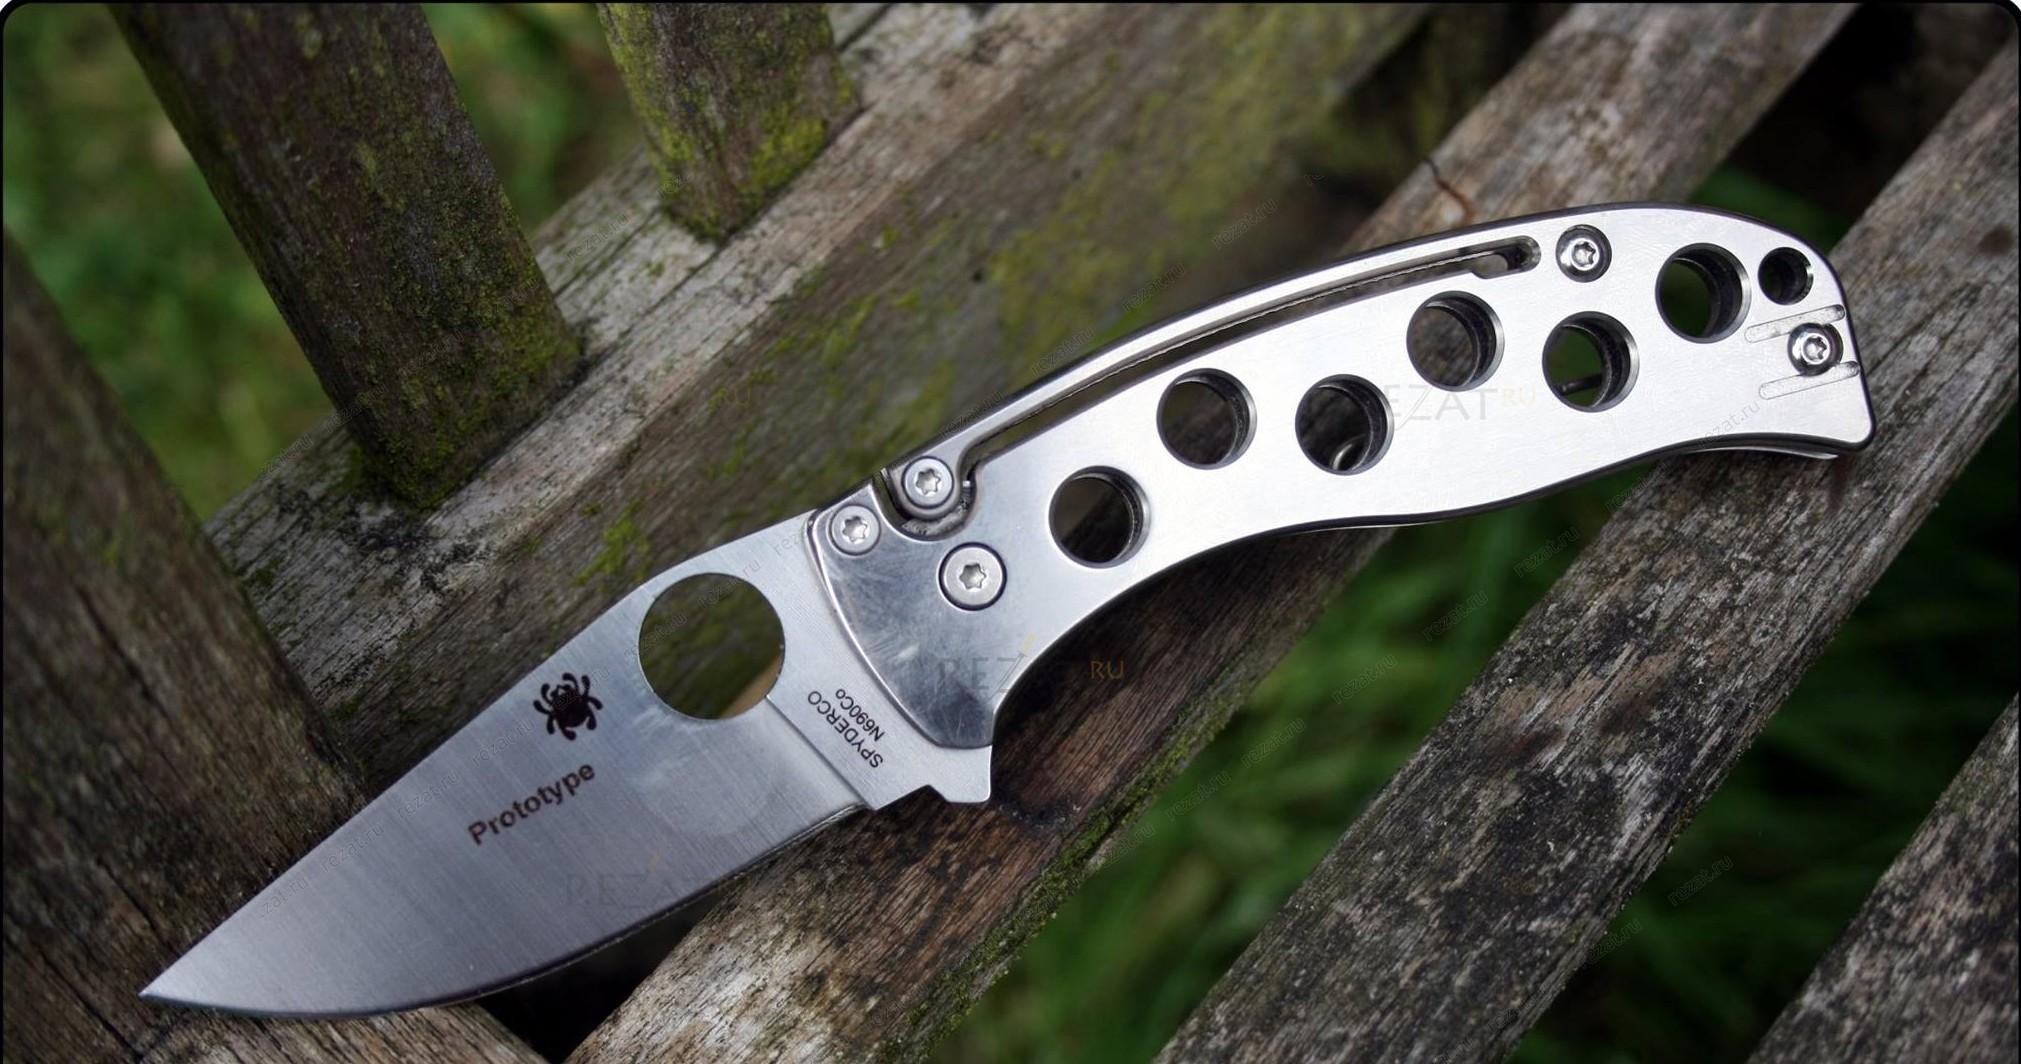 PITS Titanium Folder ножи, оружие, холодное оружие